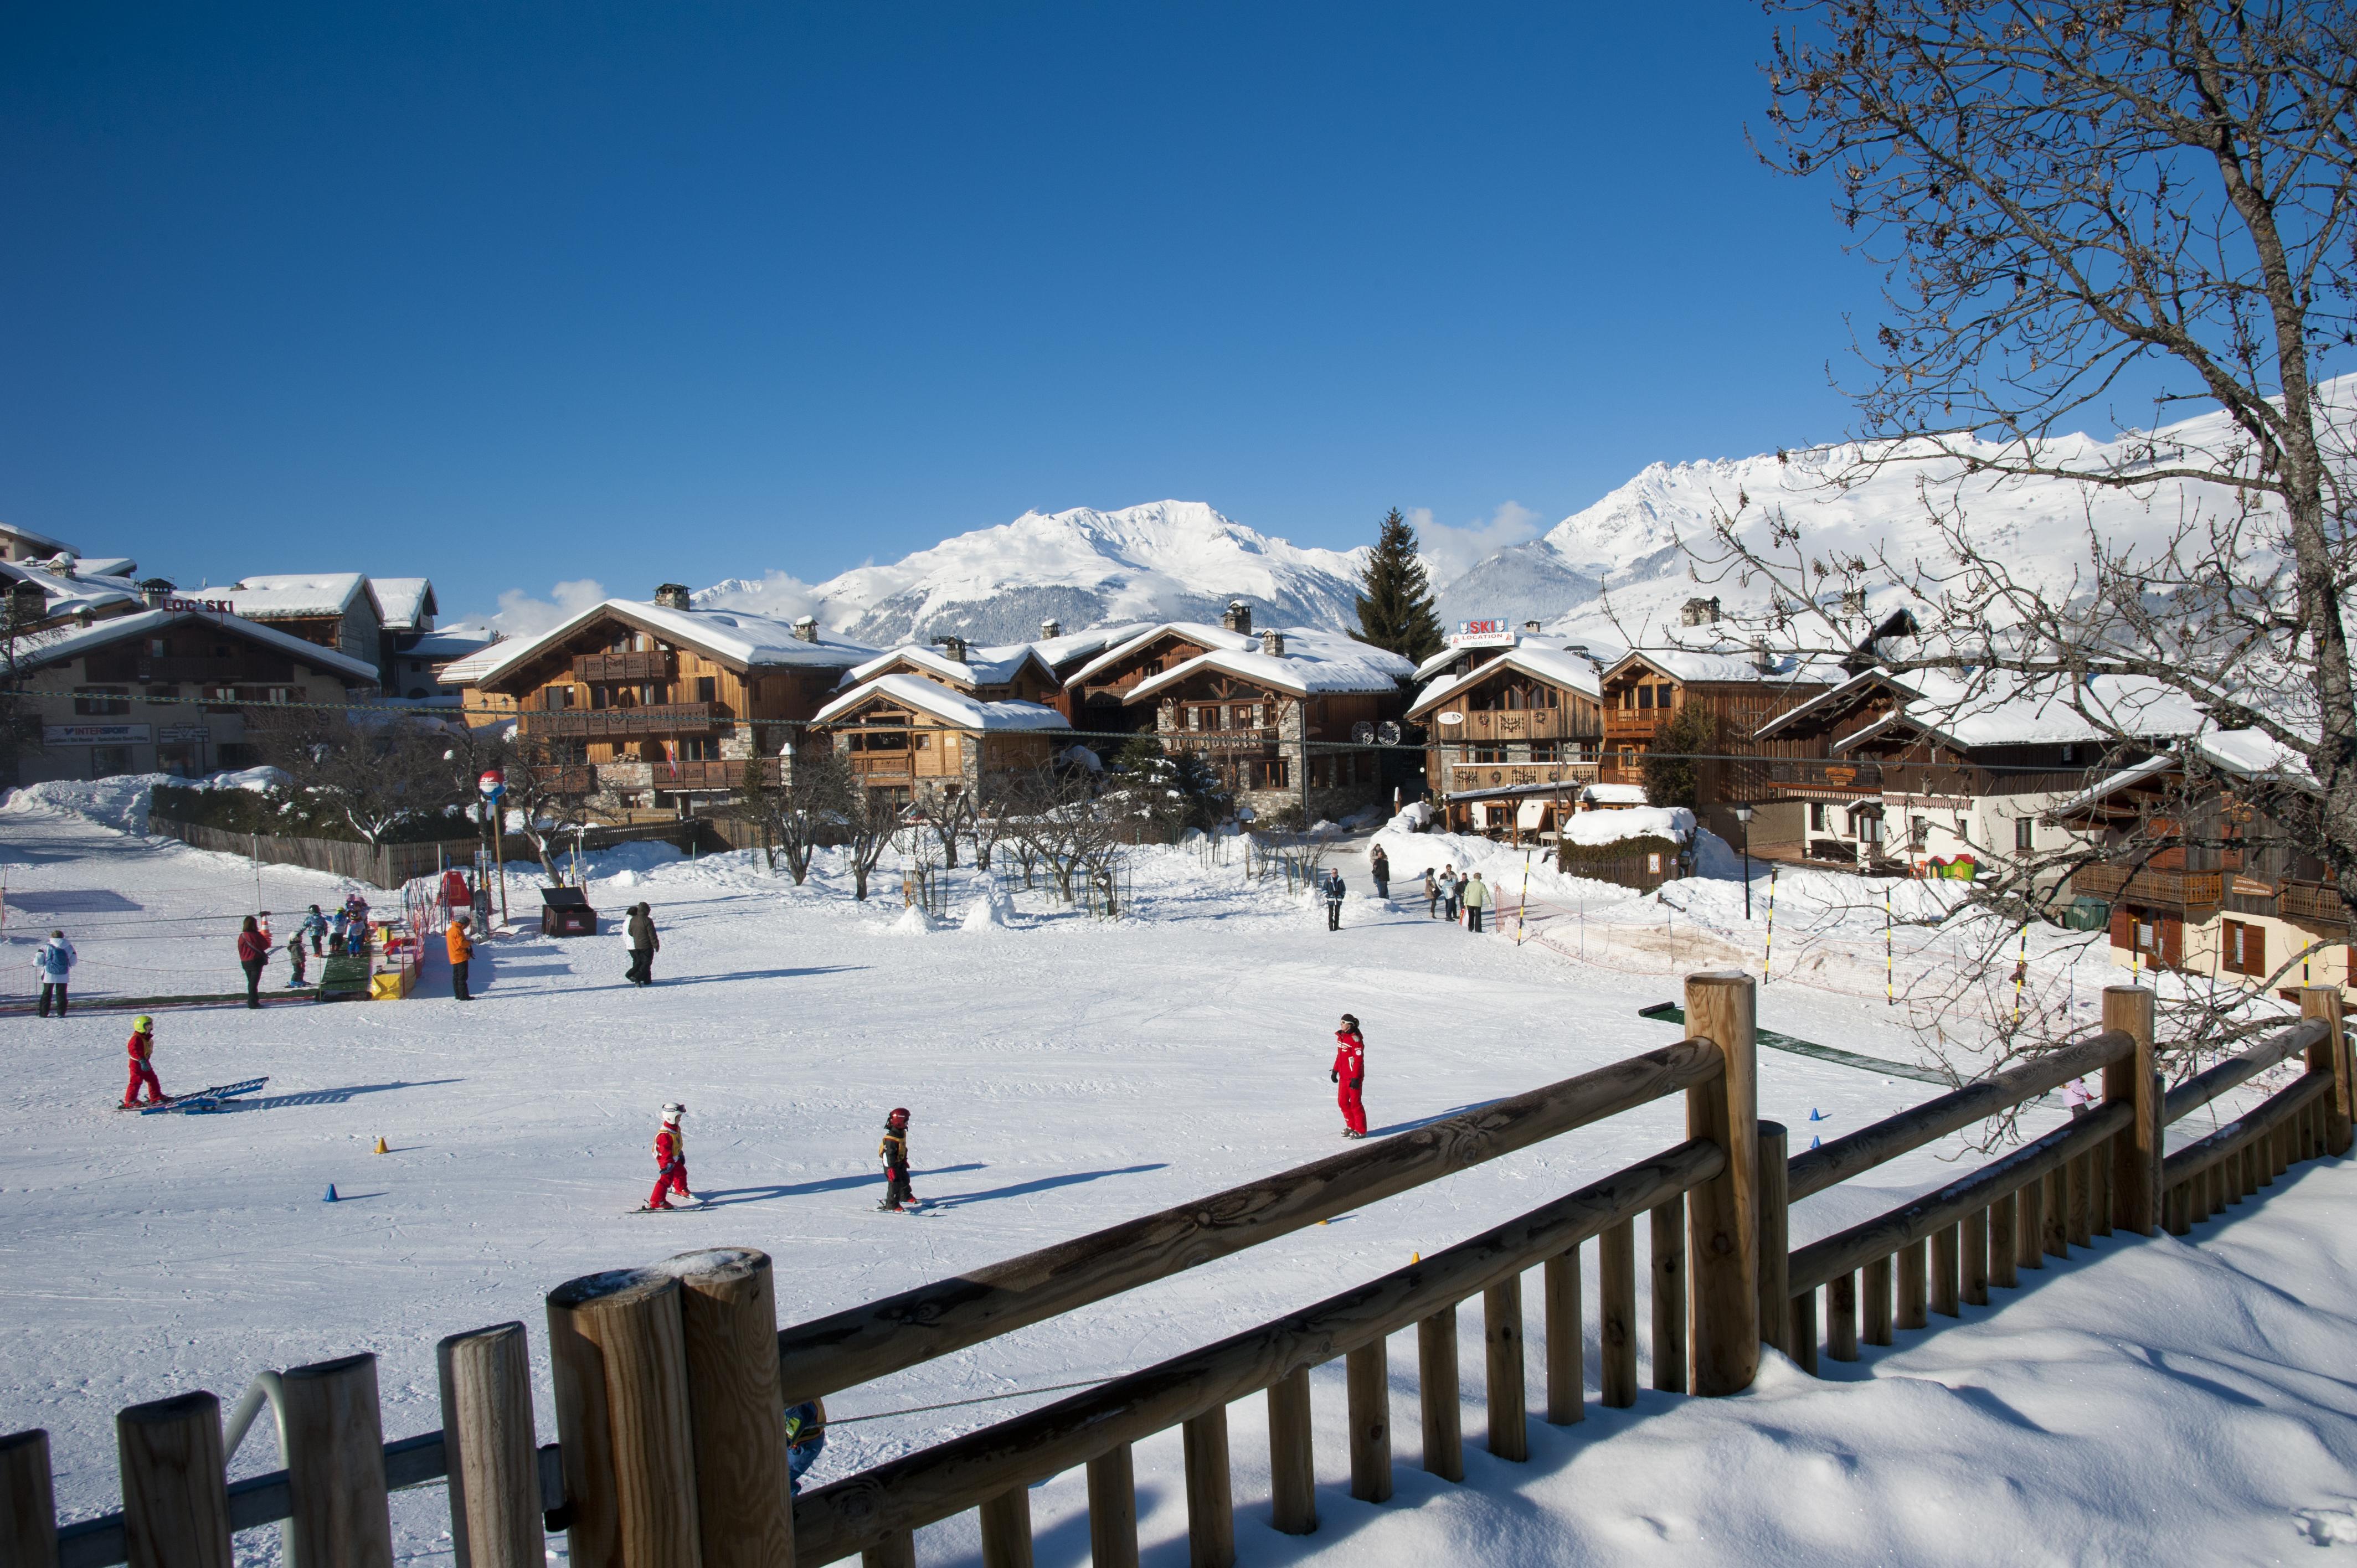 Le tour du village la plagne station de ski la plagne - Office tourisme montchavin ...